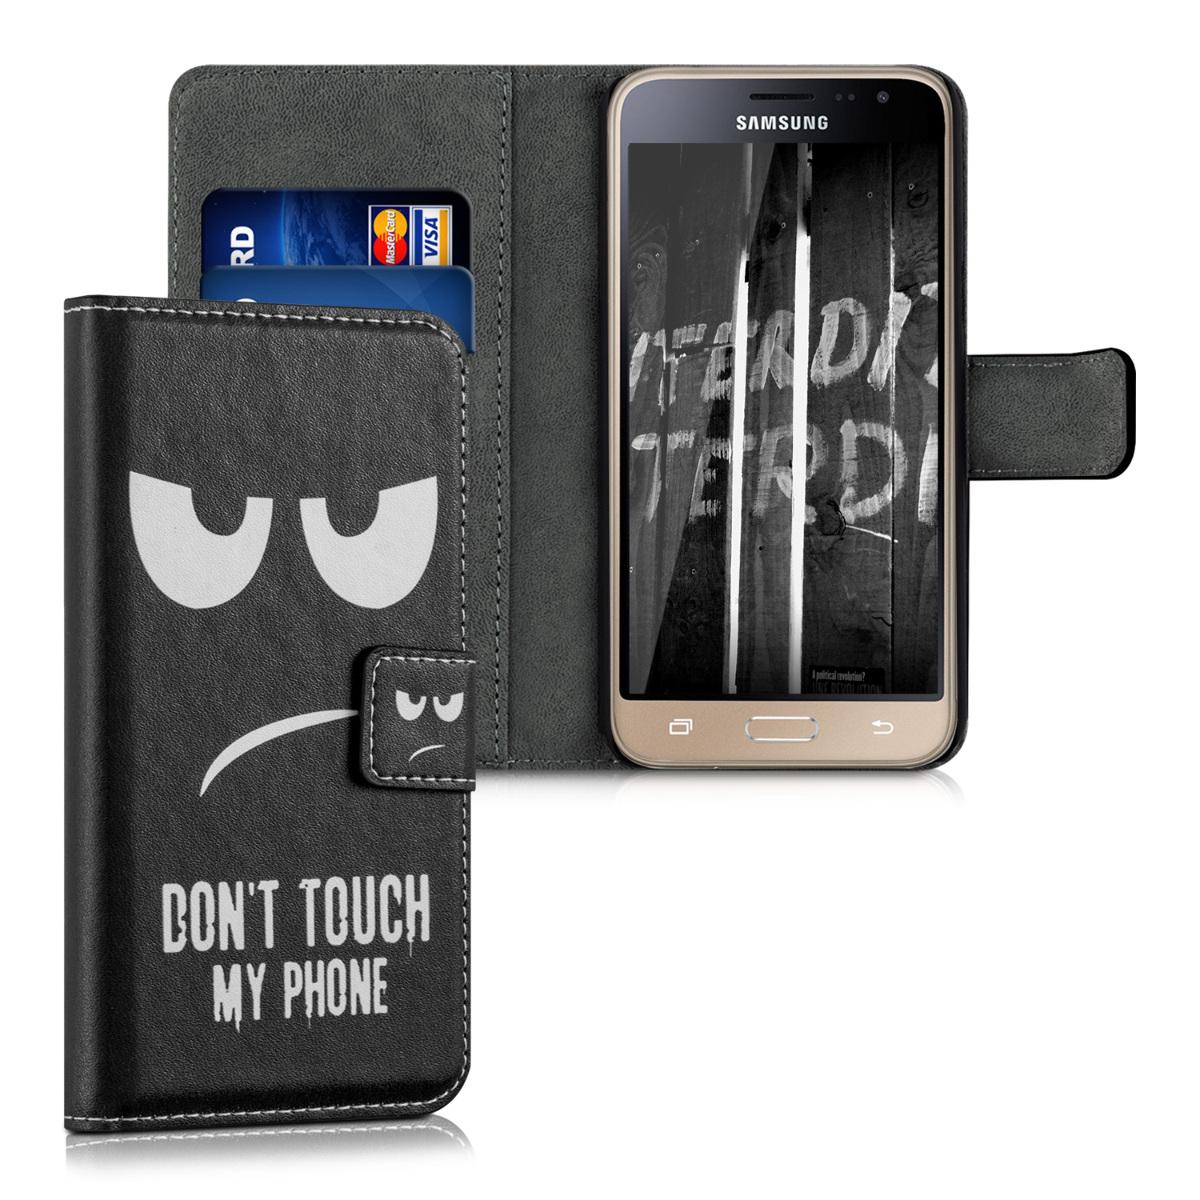 Kožené pouzdro pro Samsung J3 (2016) DUOS - Nedotýkejte My Phone bílé / černé